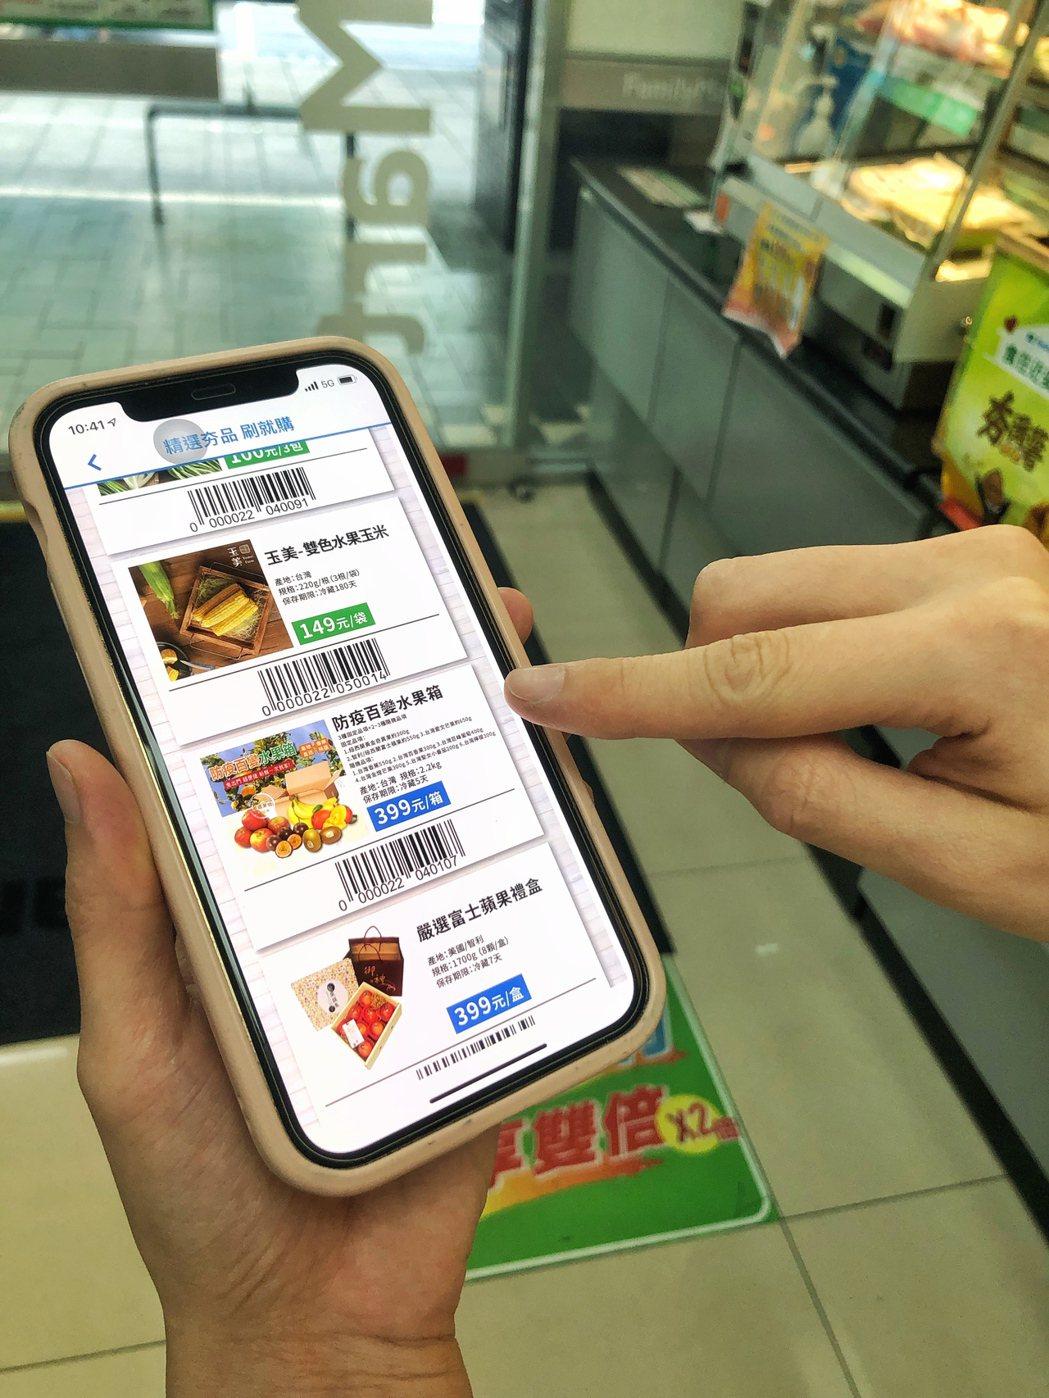 全家推出「線上菜市場」服務,提供整箱購入生鮮、漁產、肉品、蔬果等商品。圖/全家提...